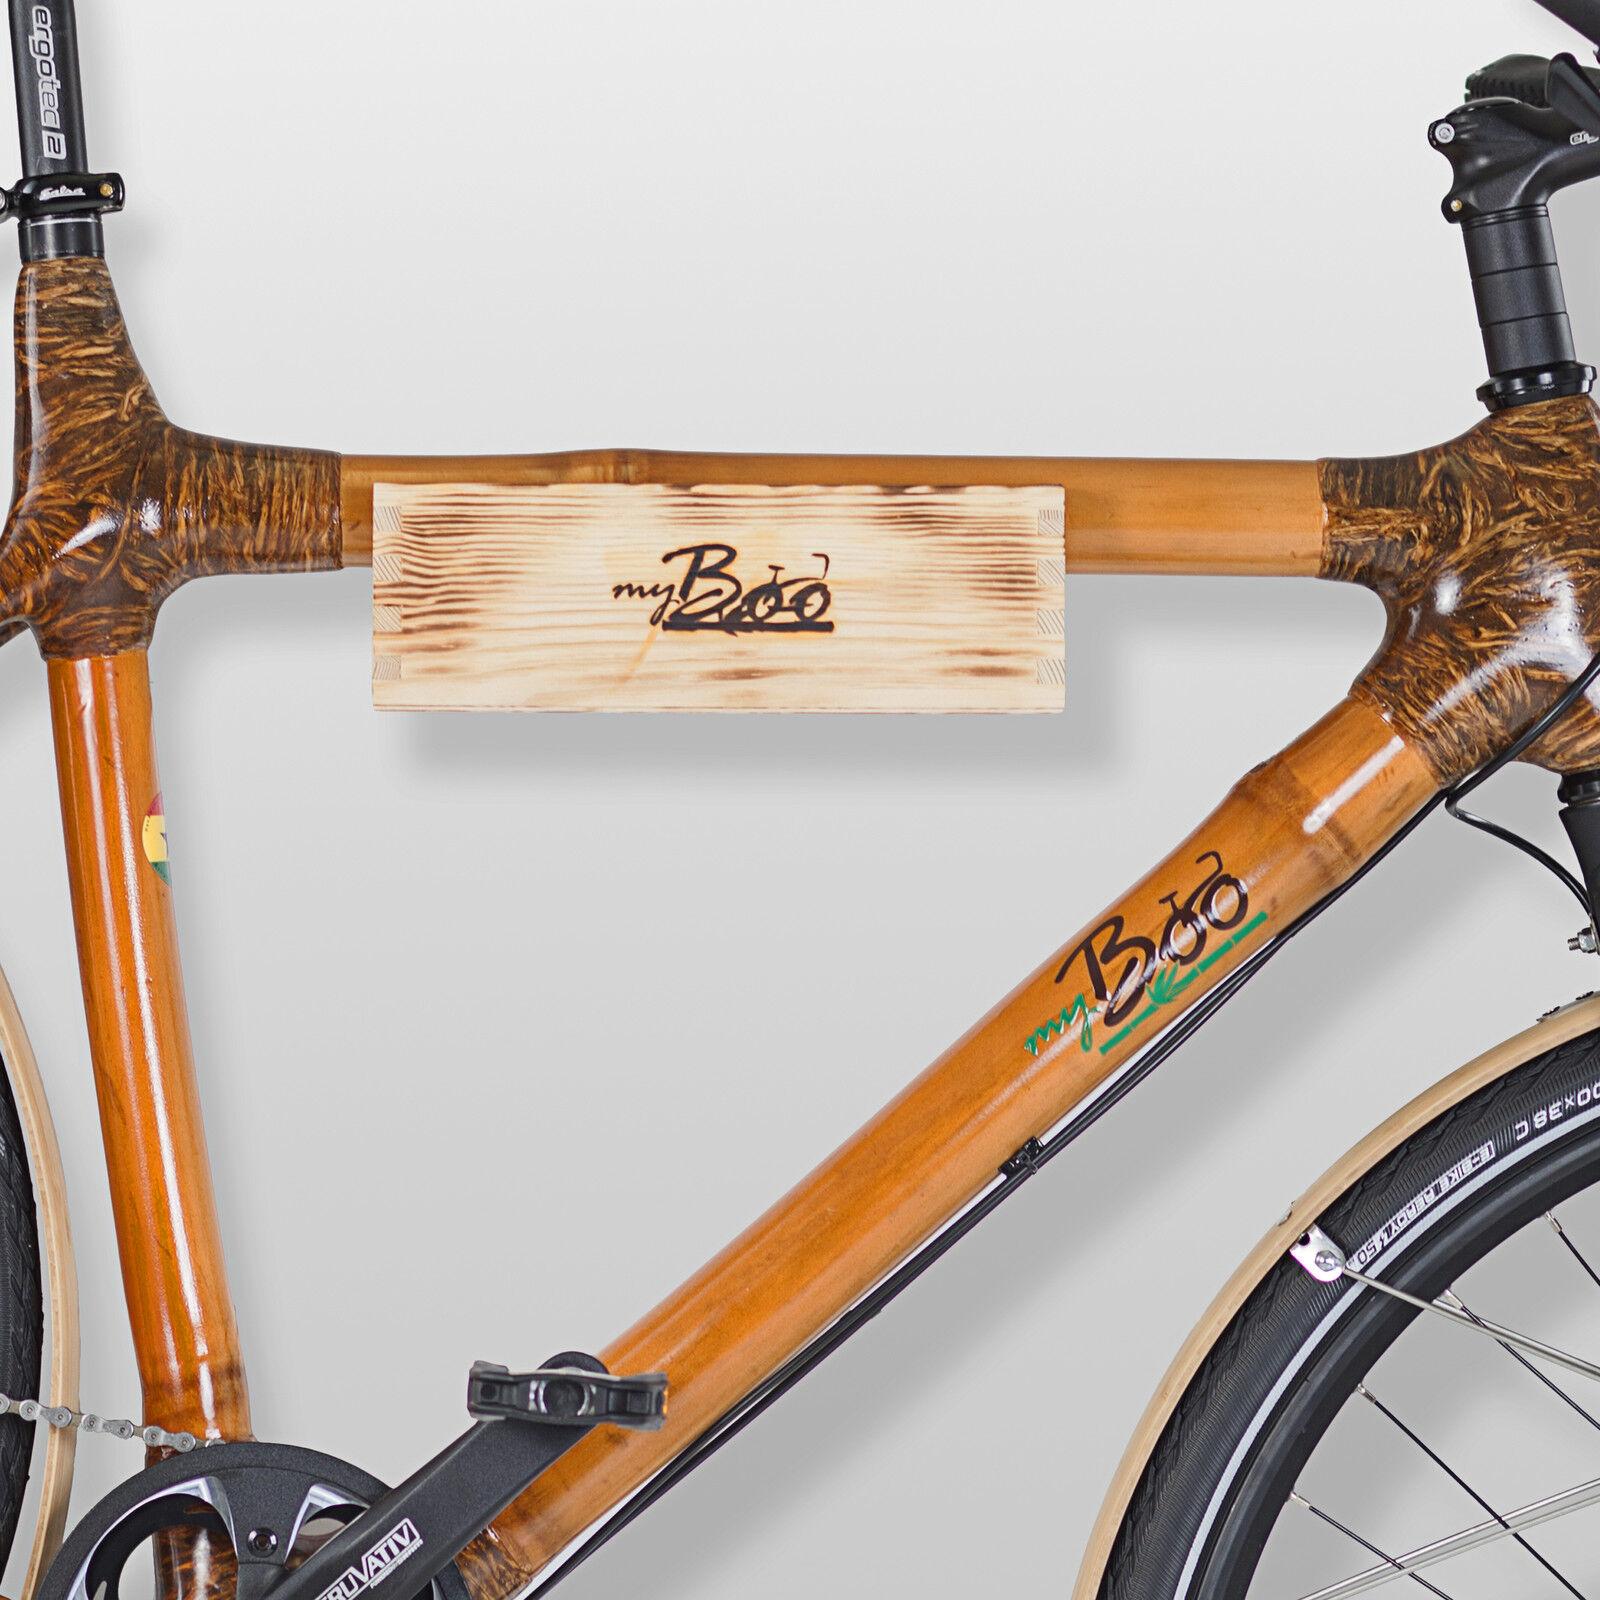 Fahrradwandhalterung Fahrradwandhalterung Fahrradwandhalterung aus Holz und Leder für Fahrräder - Halterung Holz Fahrrad 9f2dcf